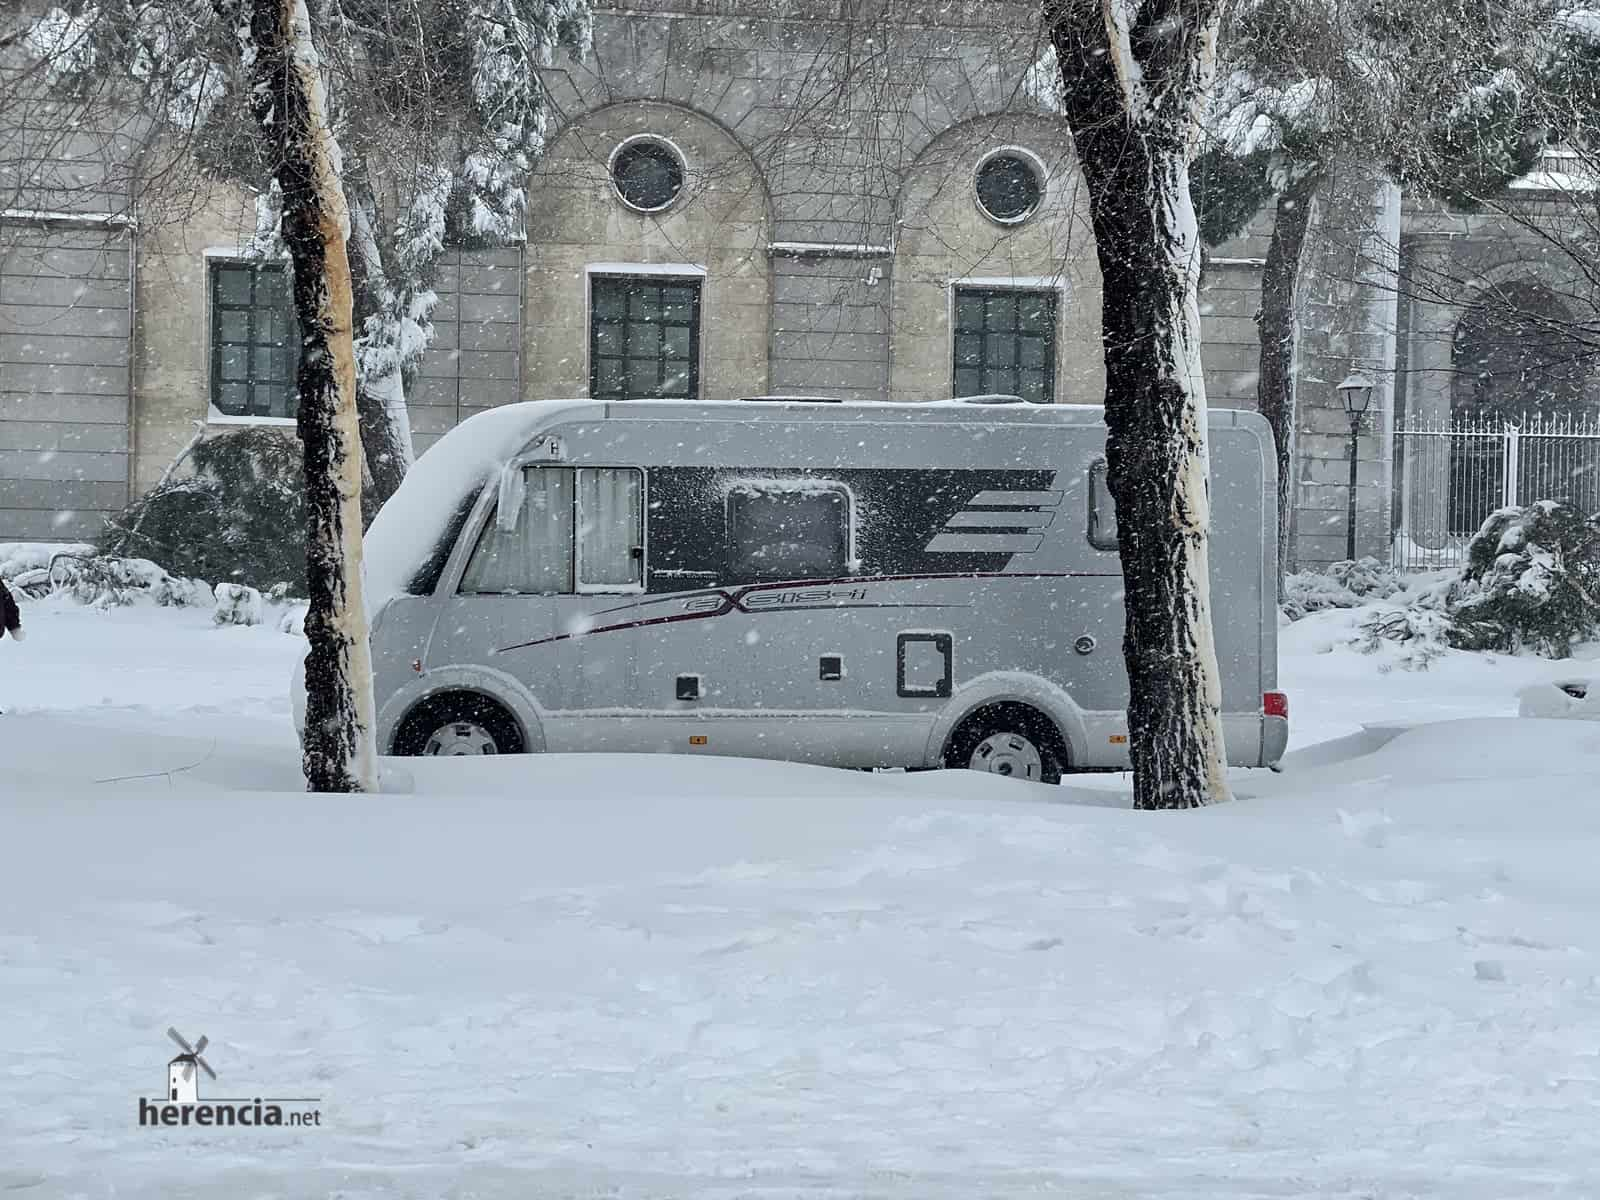 Fotografías de la nevada de enero en Madrid (España) 124